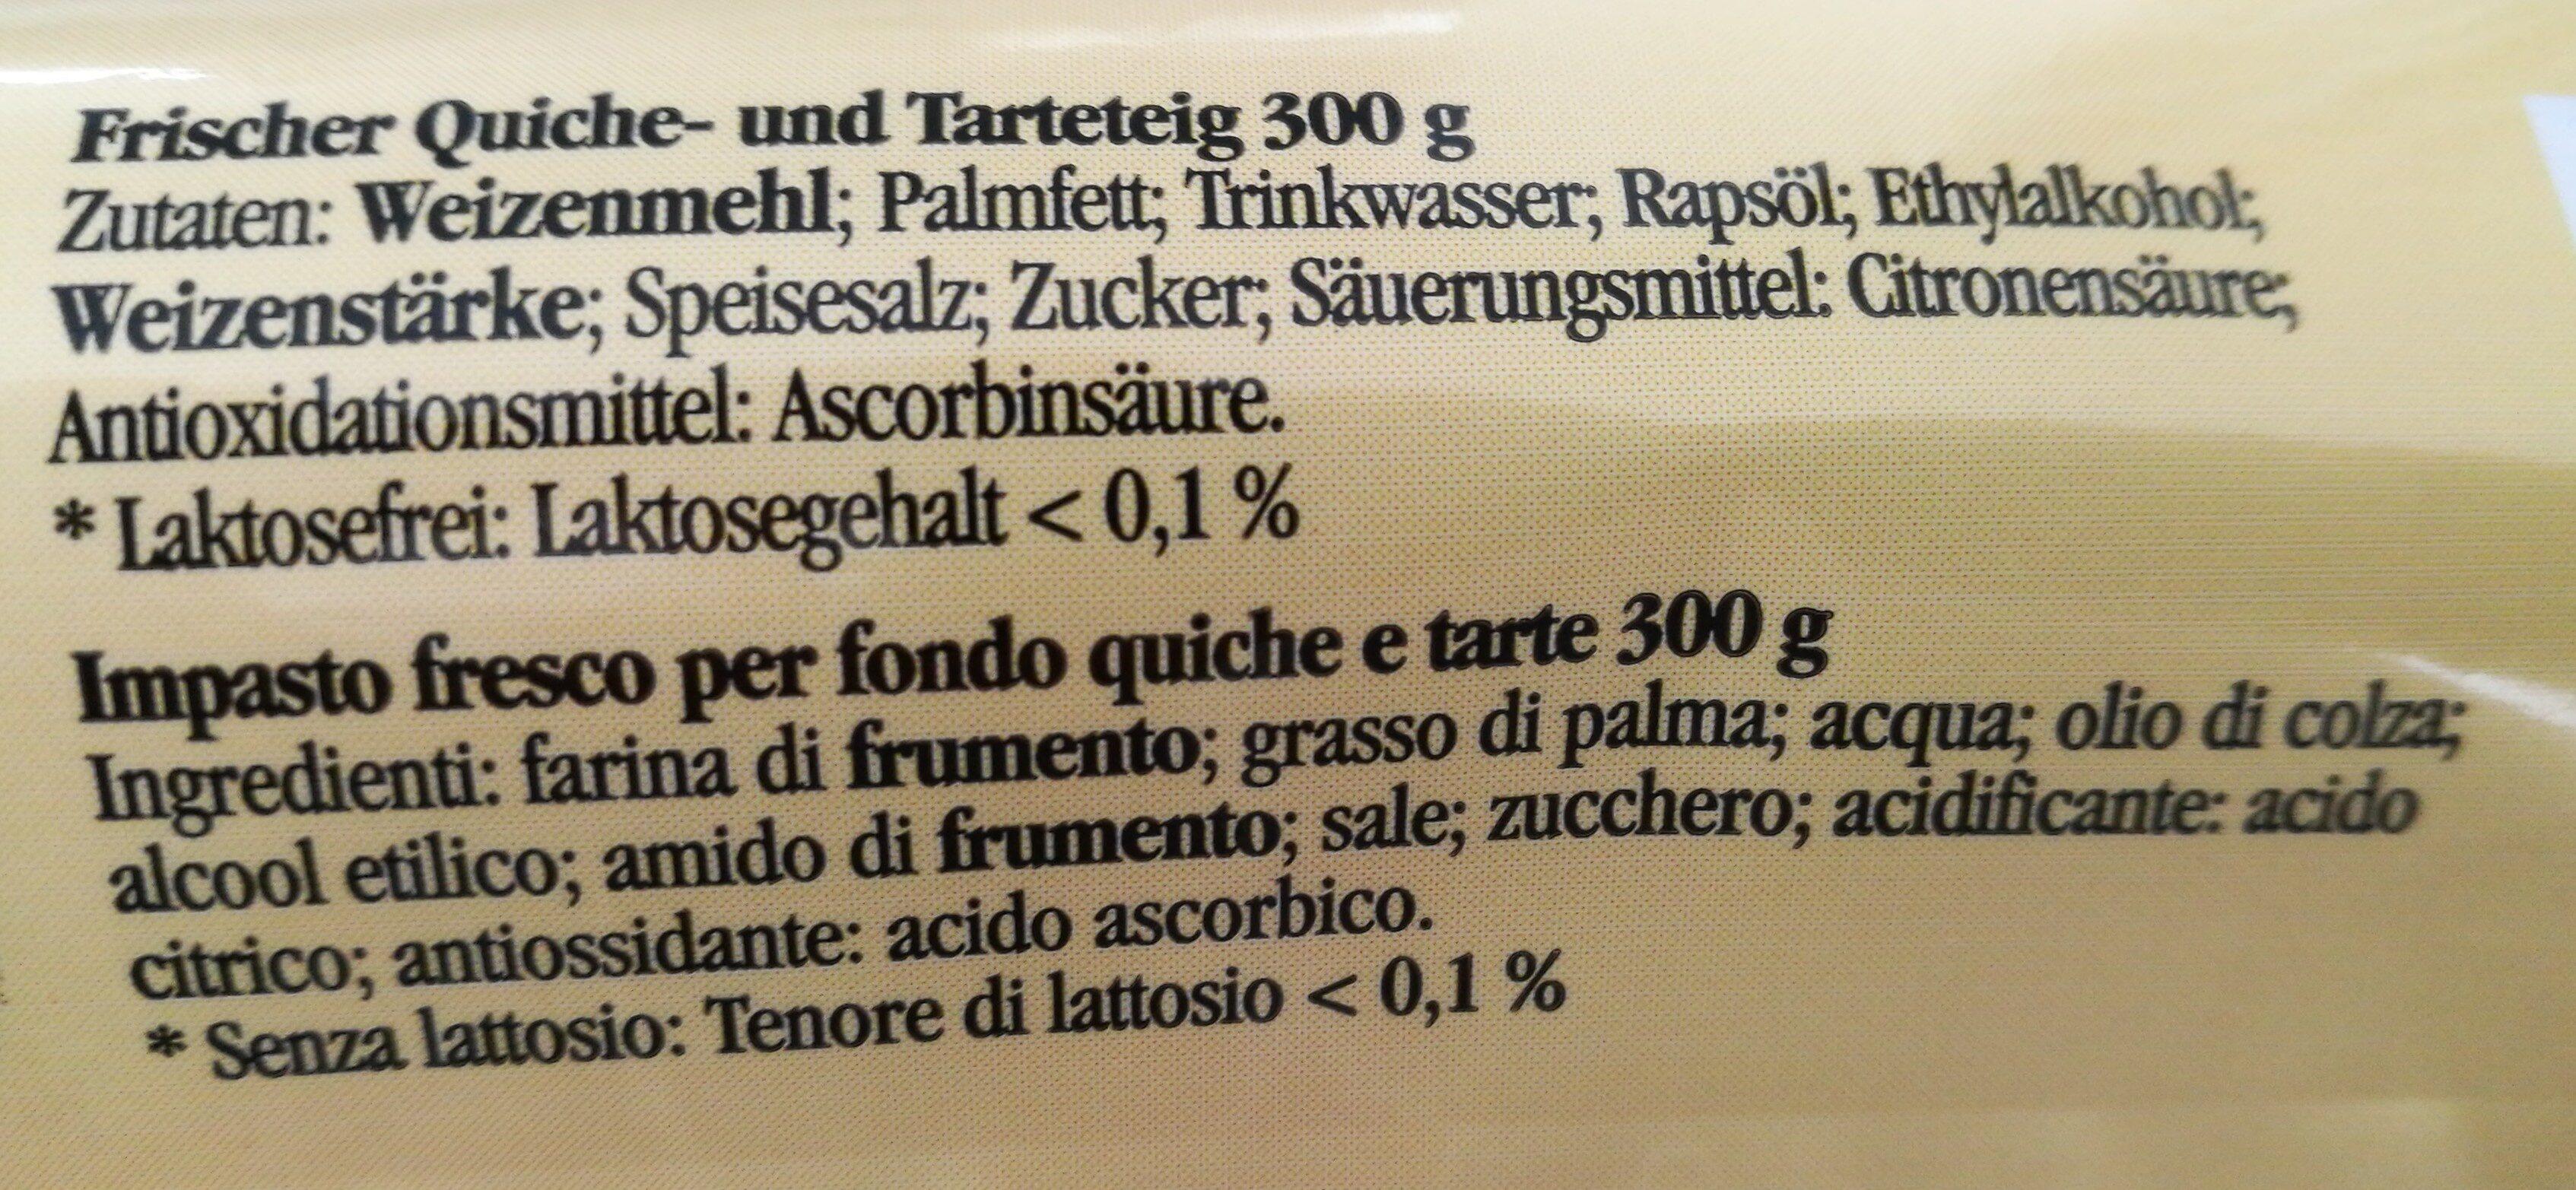 Frischer Quiche- & Tarteteig - Ingrédients - de